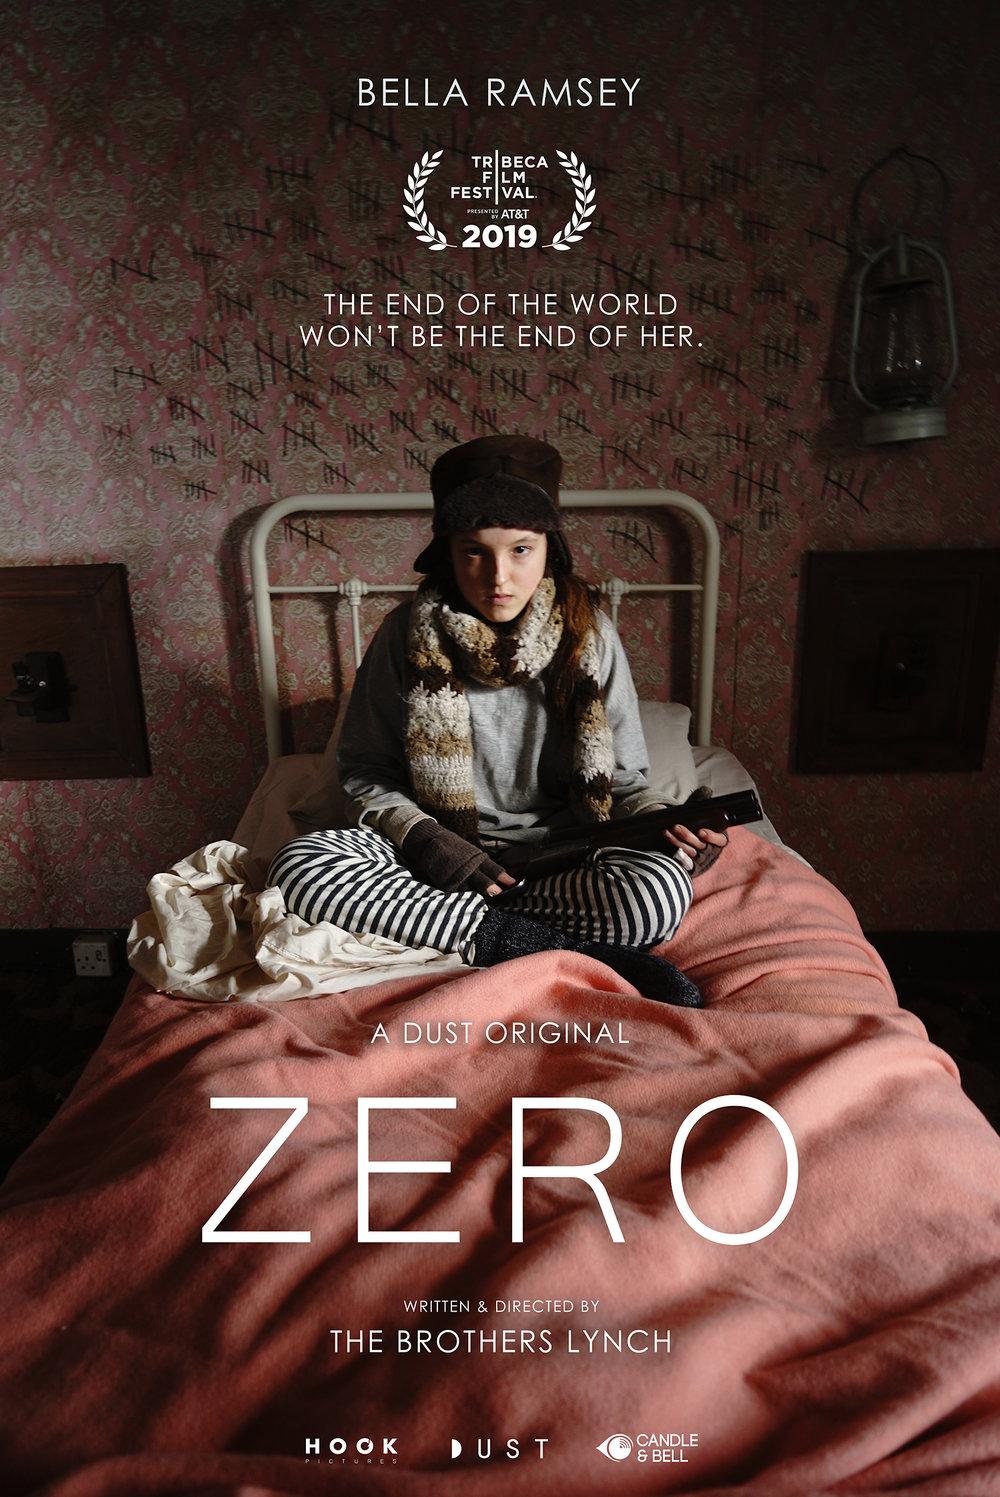 ZERO - poster - smaller.jpg